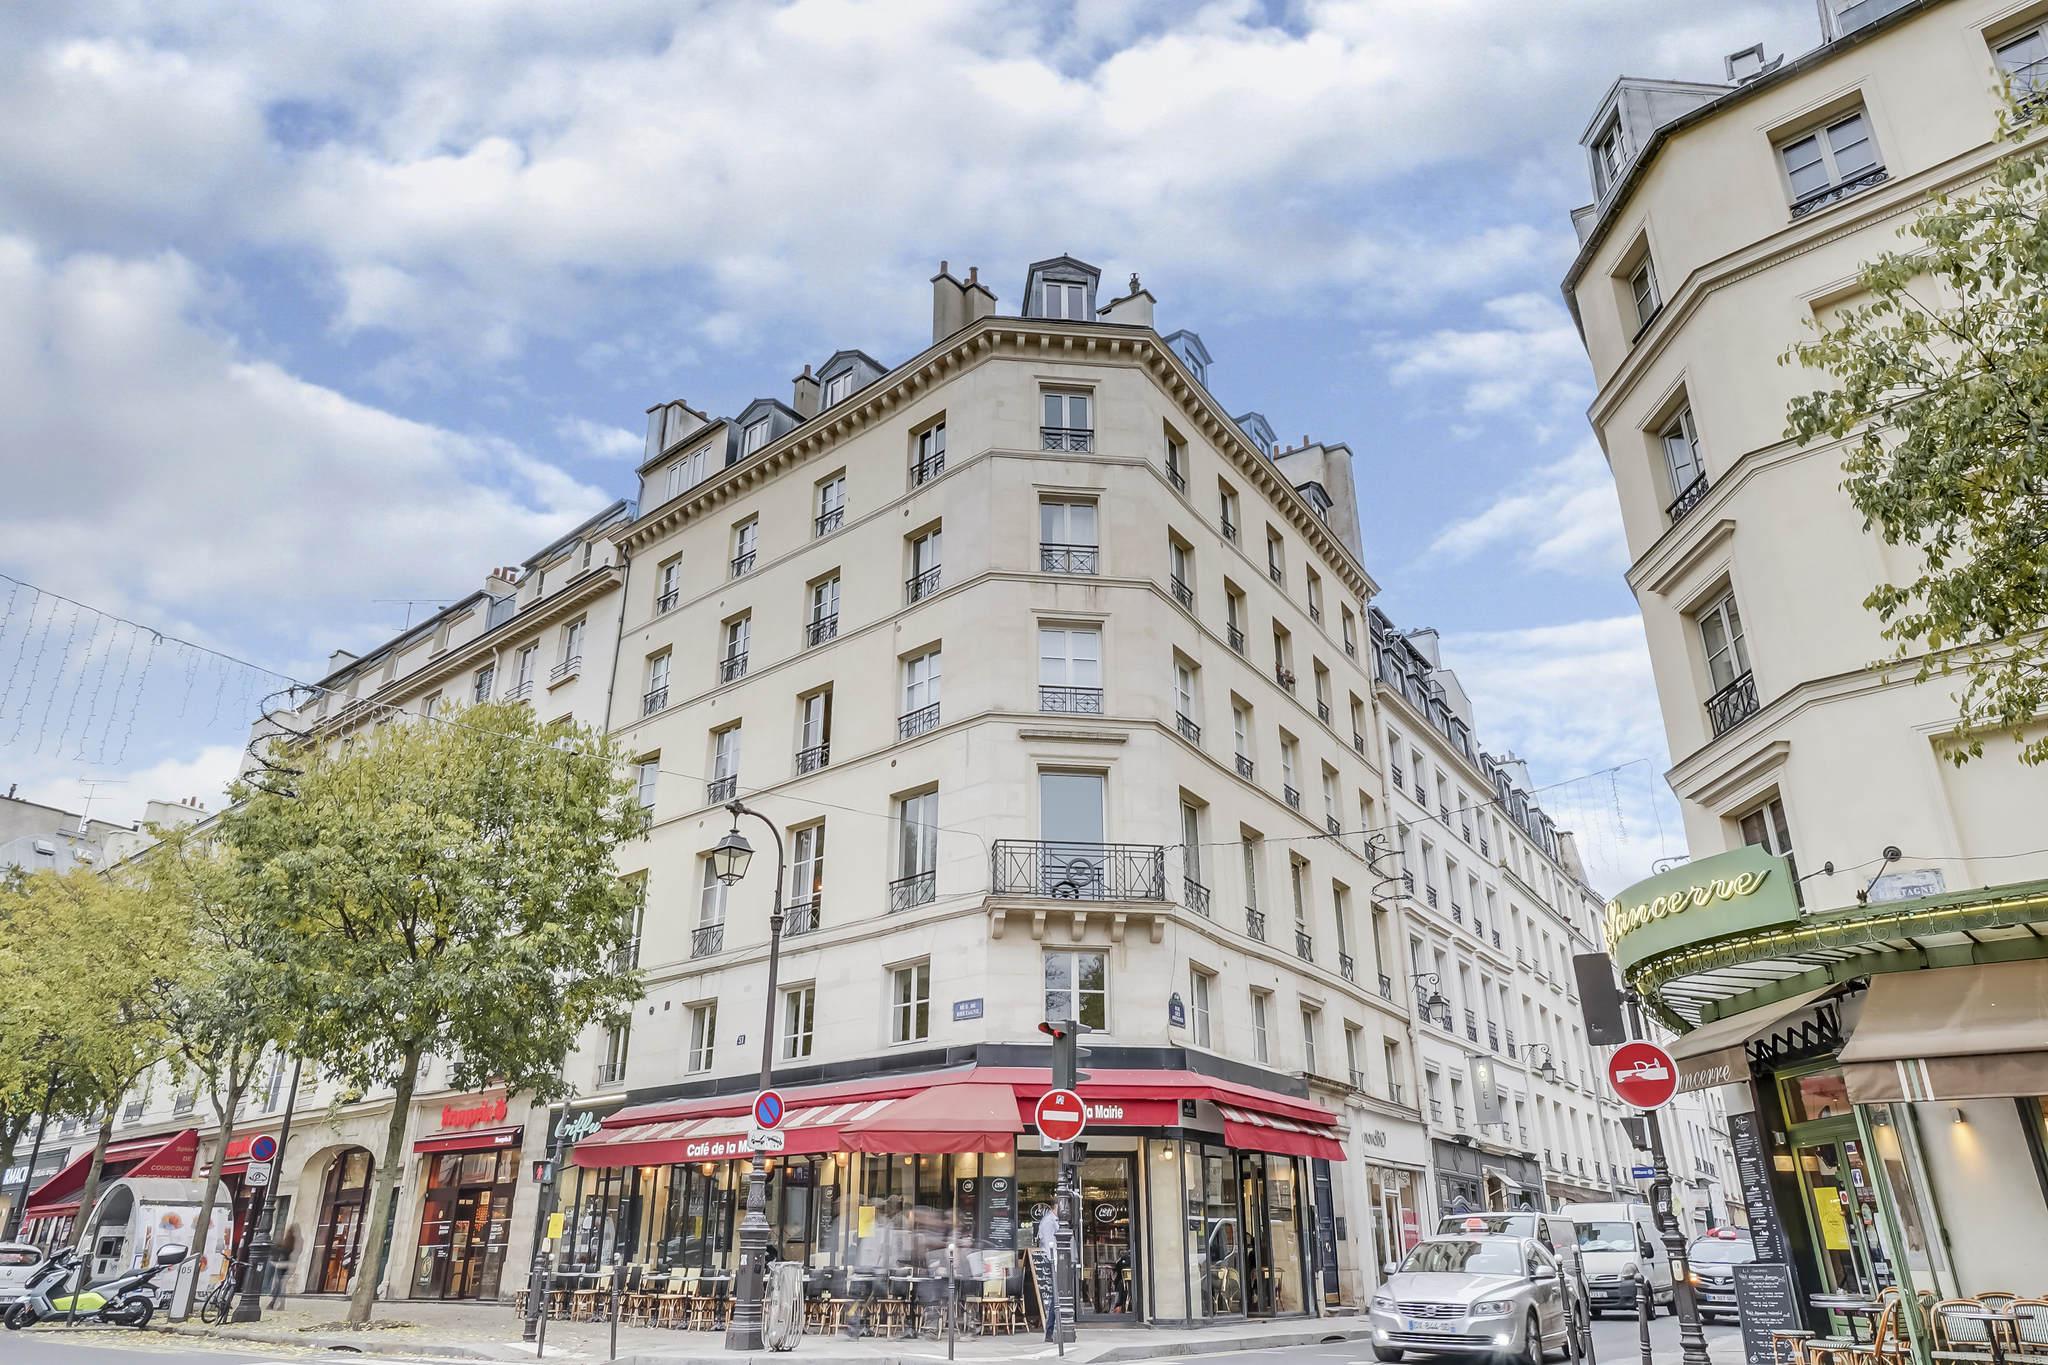 #Vendu-Vue dégagée-Rue des archives angle rue de Bretagne-Paris 3